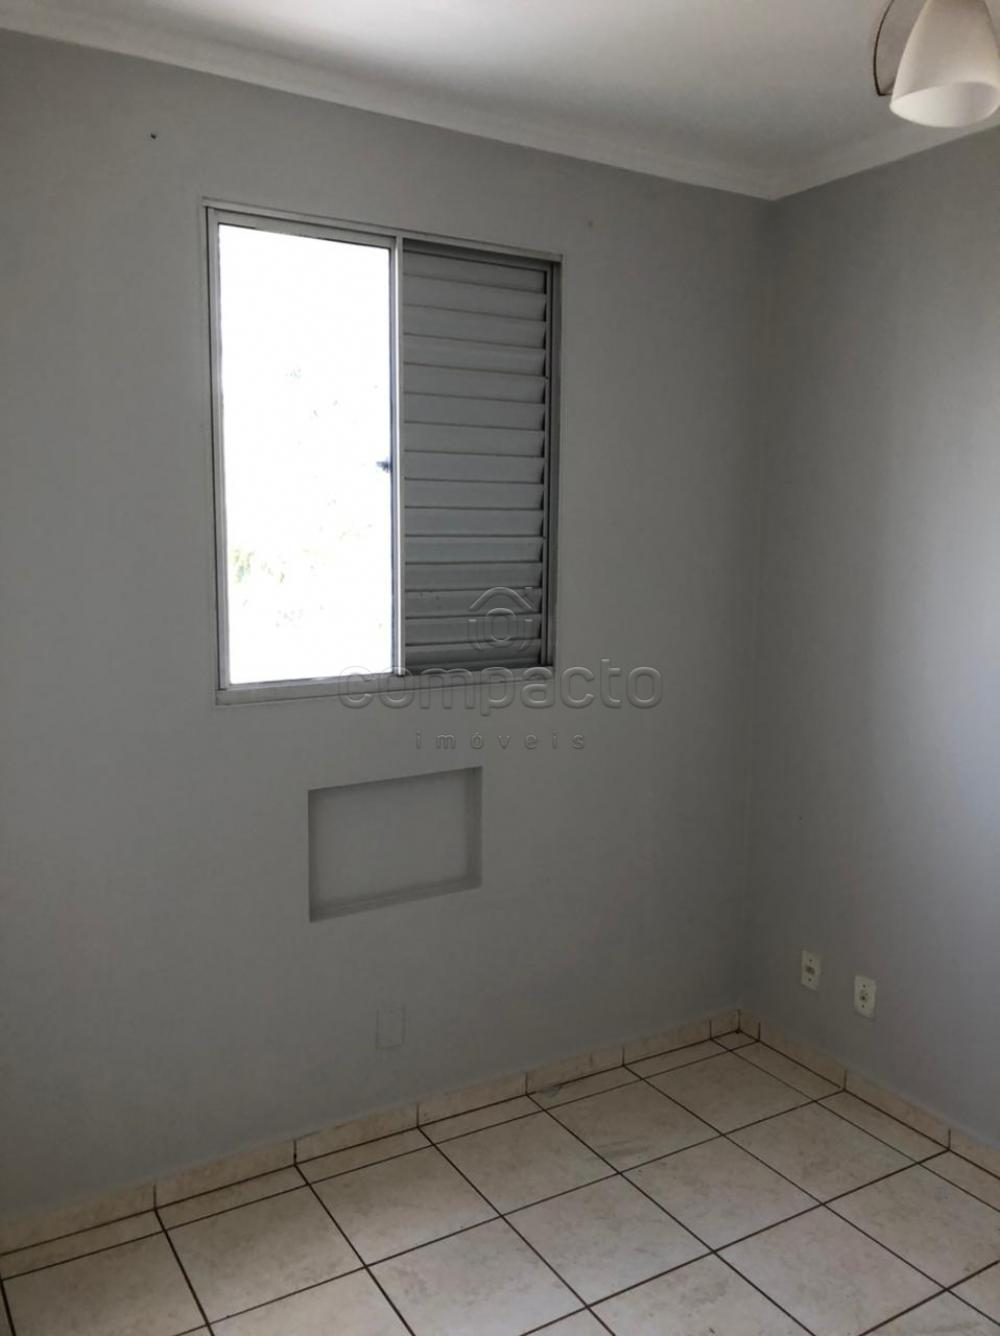 Alugar Apartamento / Padrão em São José do Rio Preto R$ 750,00 - Foto 10